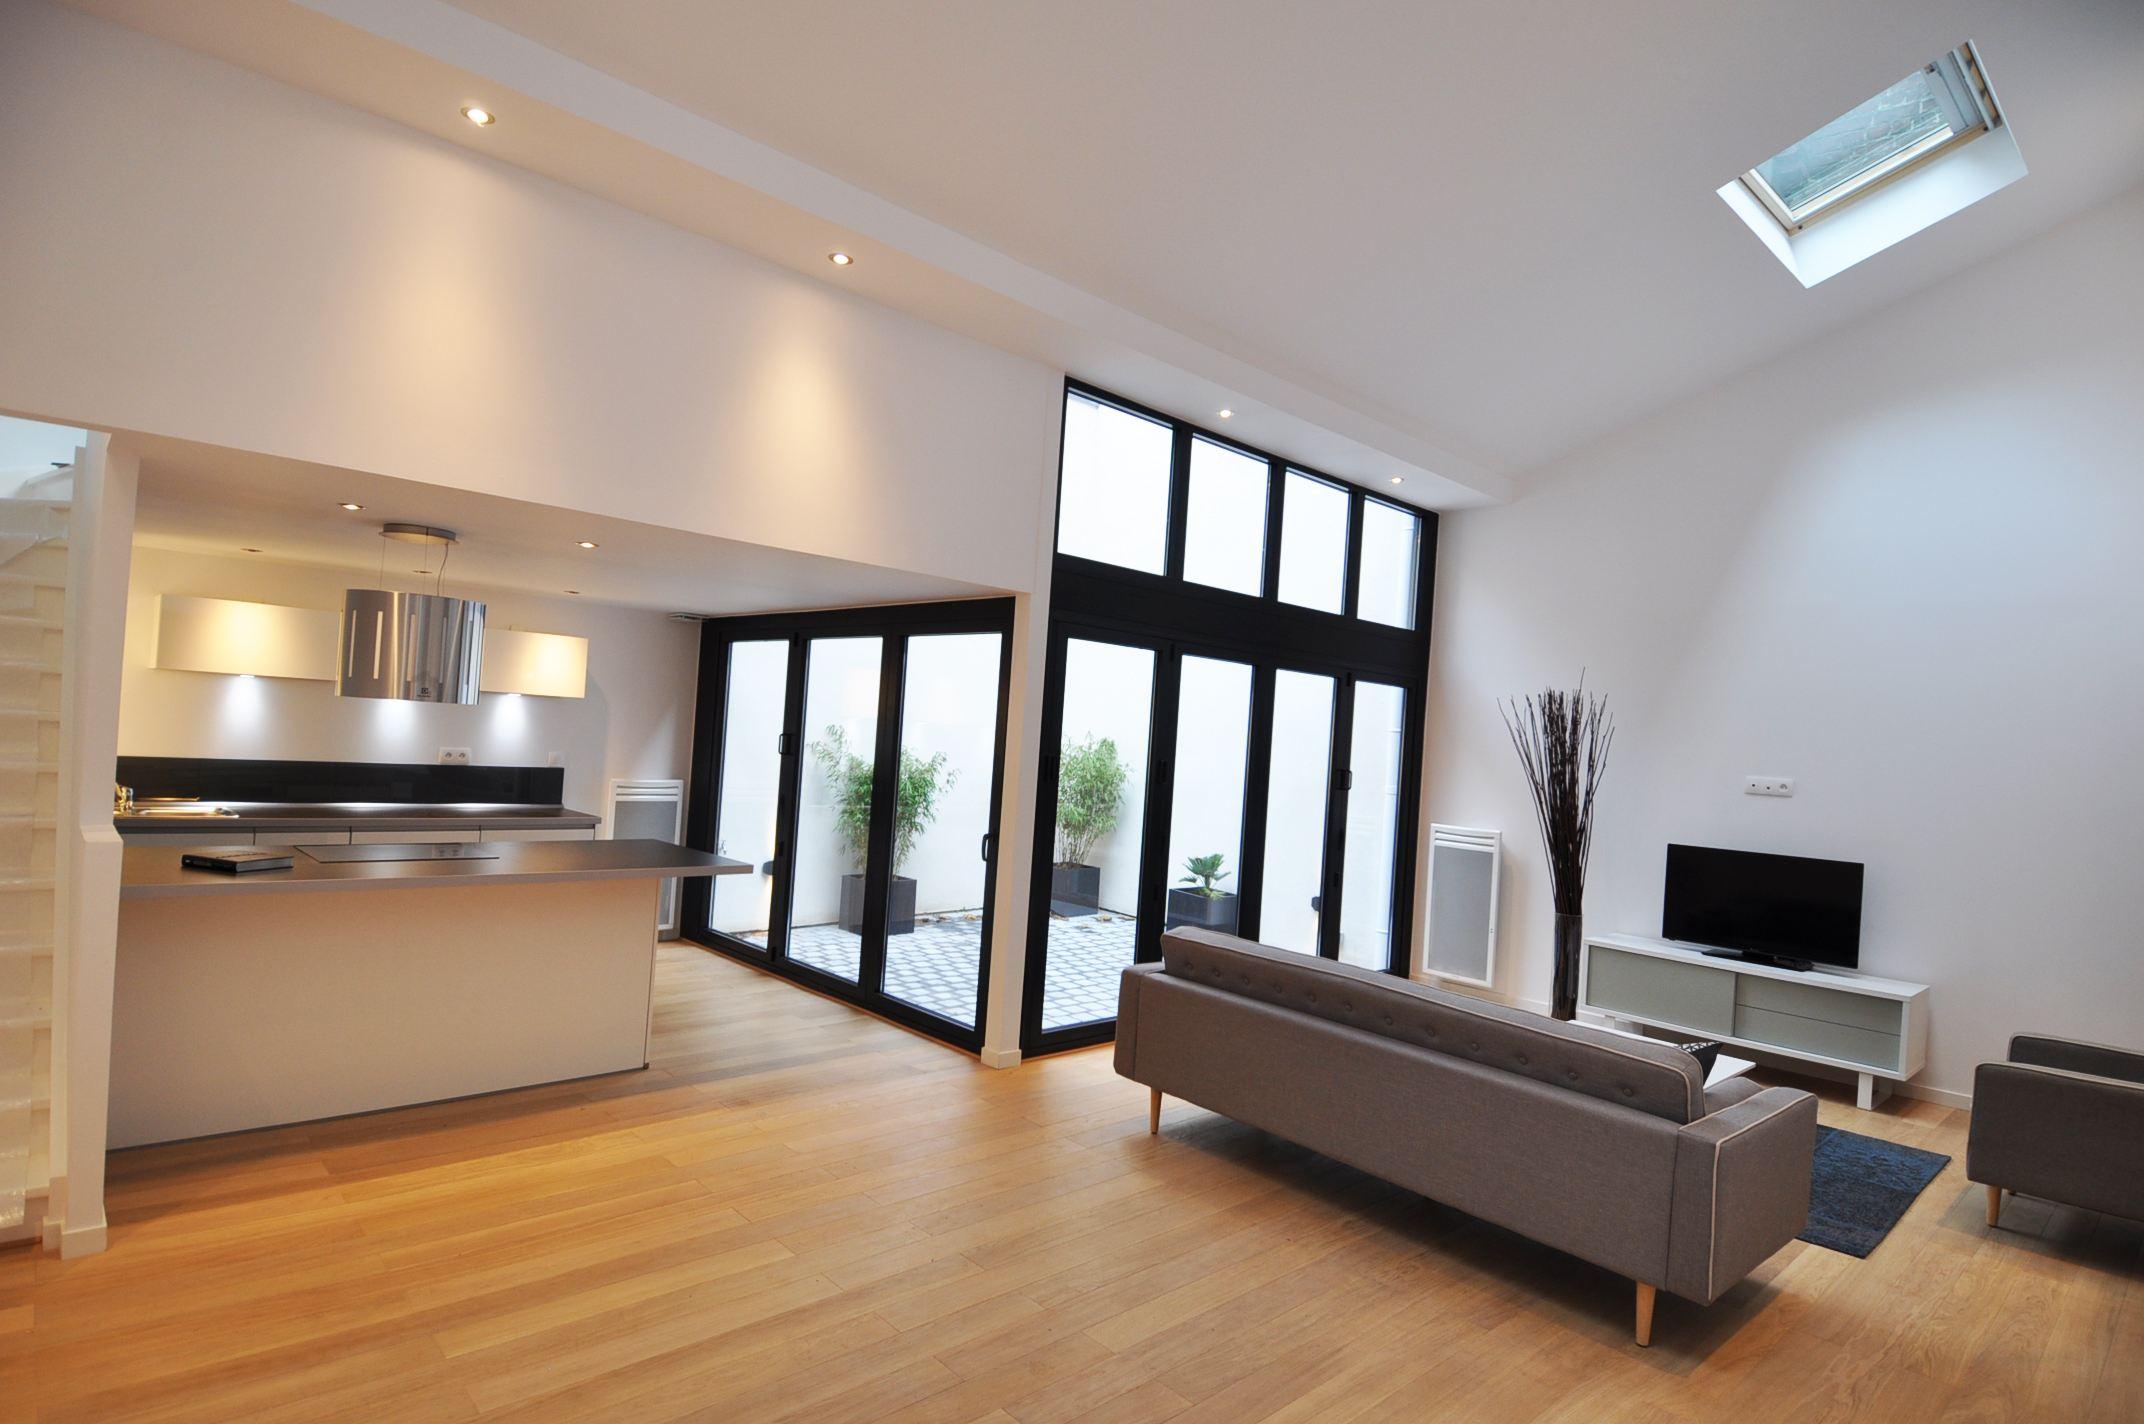 Property For Sale at LILLE, Porte de Paris, Wonderful apartment of 85 m² hab. 2 Ch.